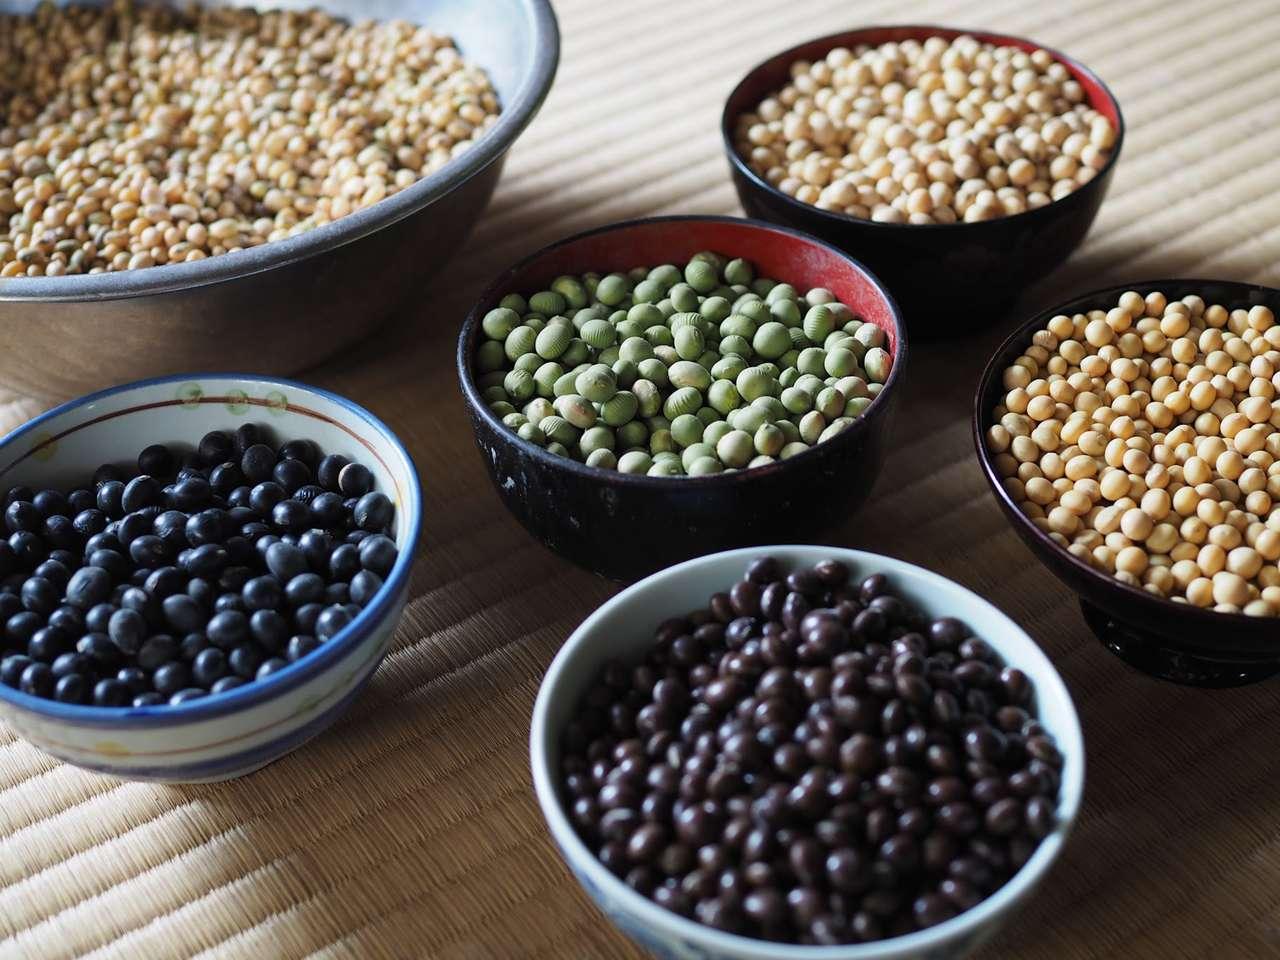 キービジュアル画像:カラフルで風味豊かな無農薬・科学肥料無使用大豆